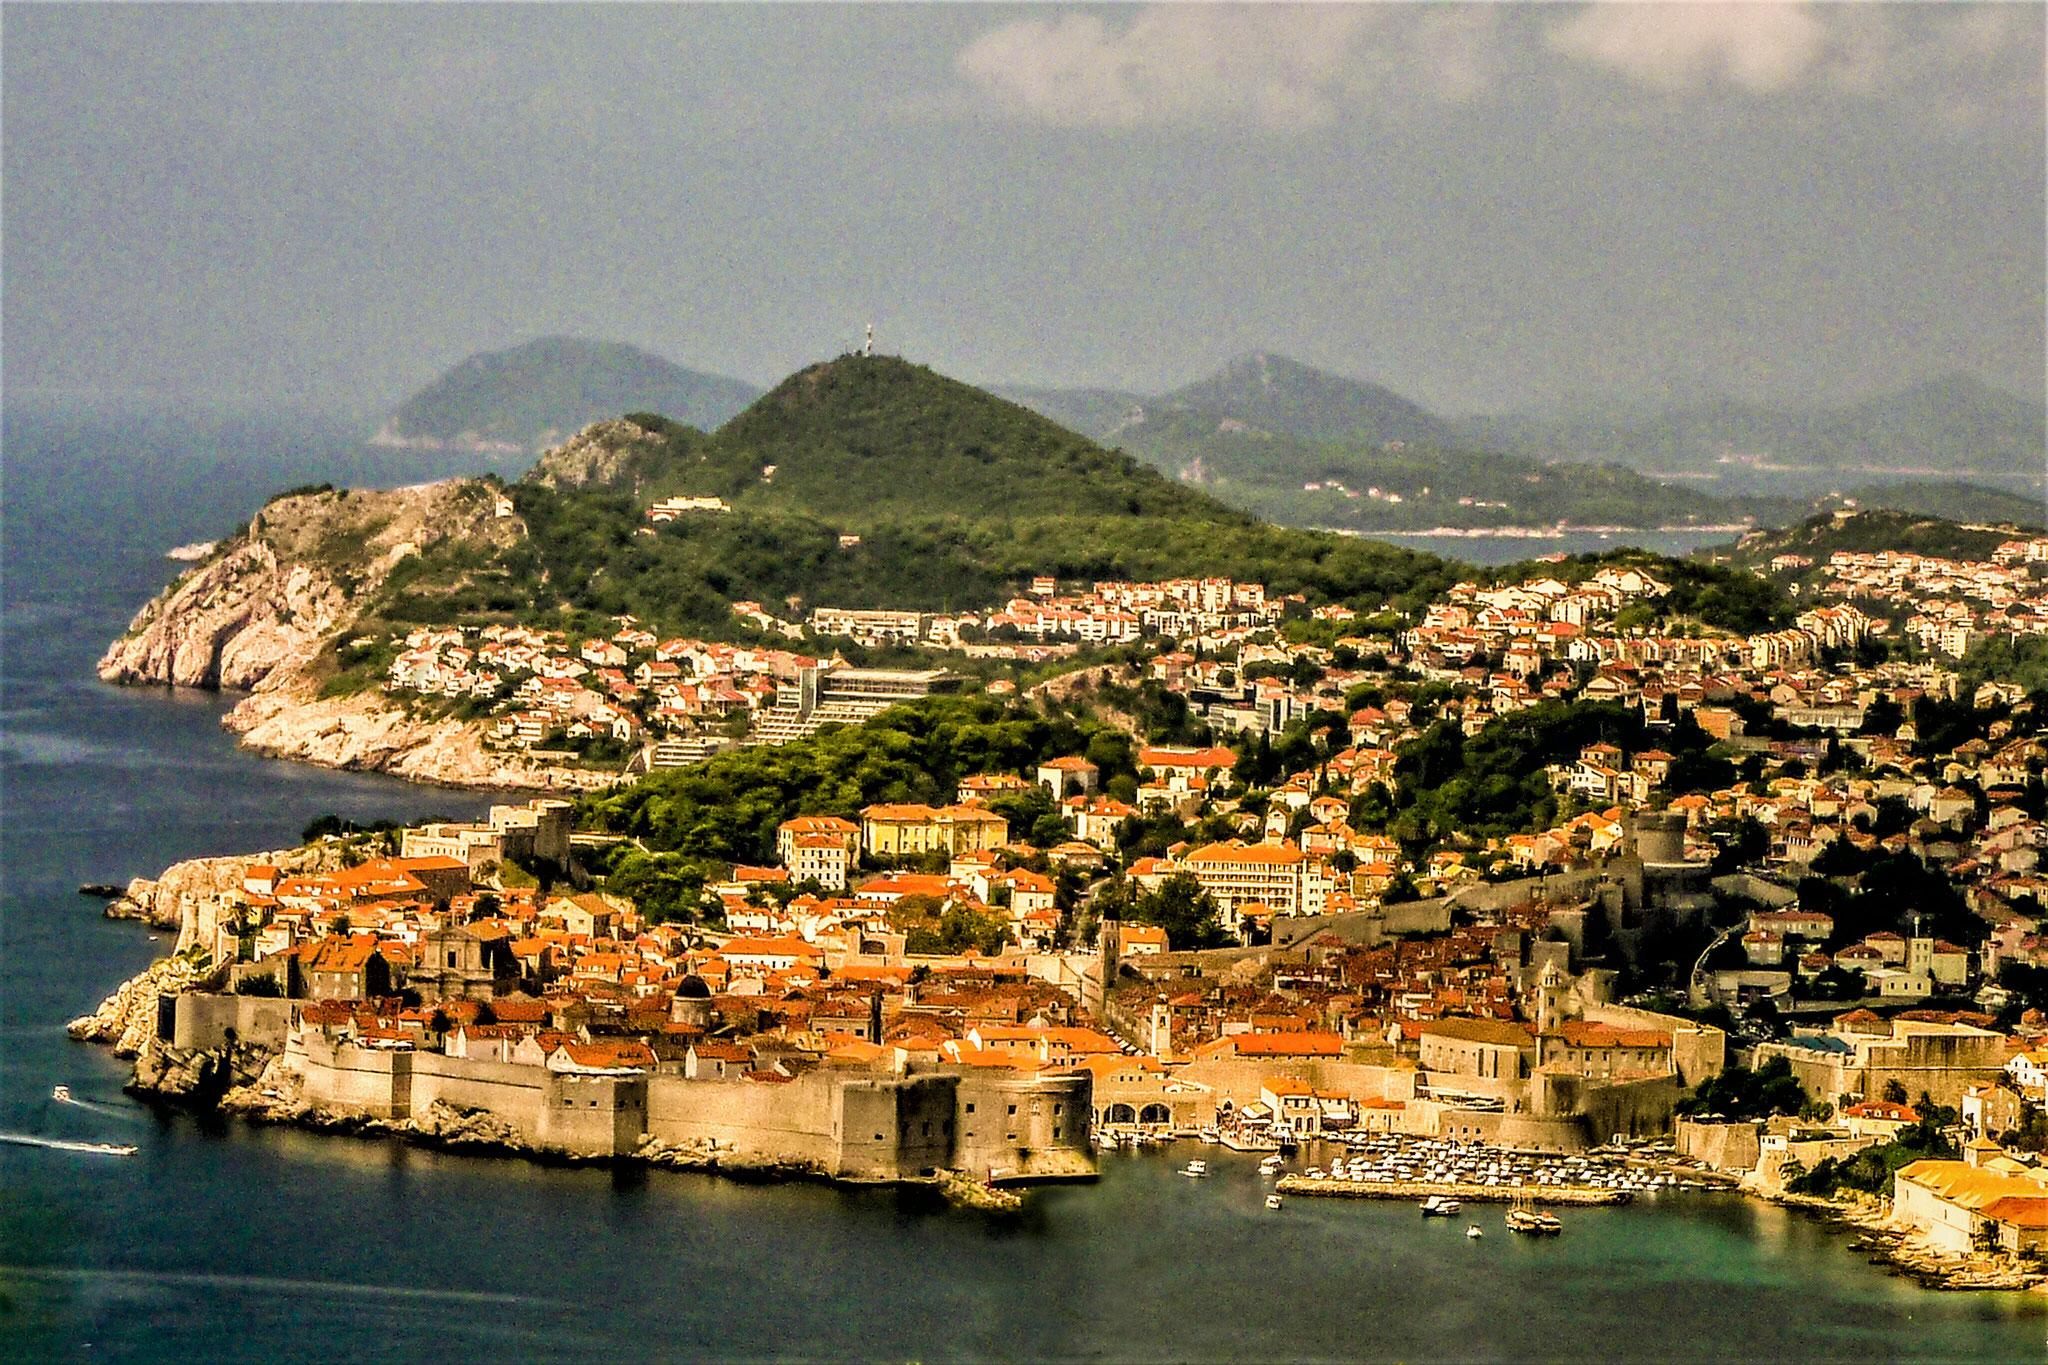 015-IONUȚ Jarca (Oradea-RO) - Dubrovnik (HR)